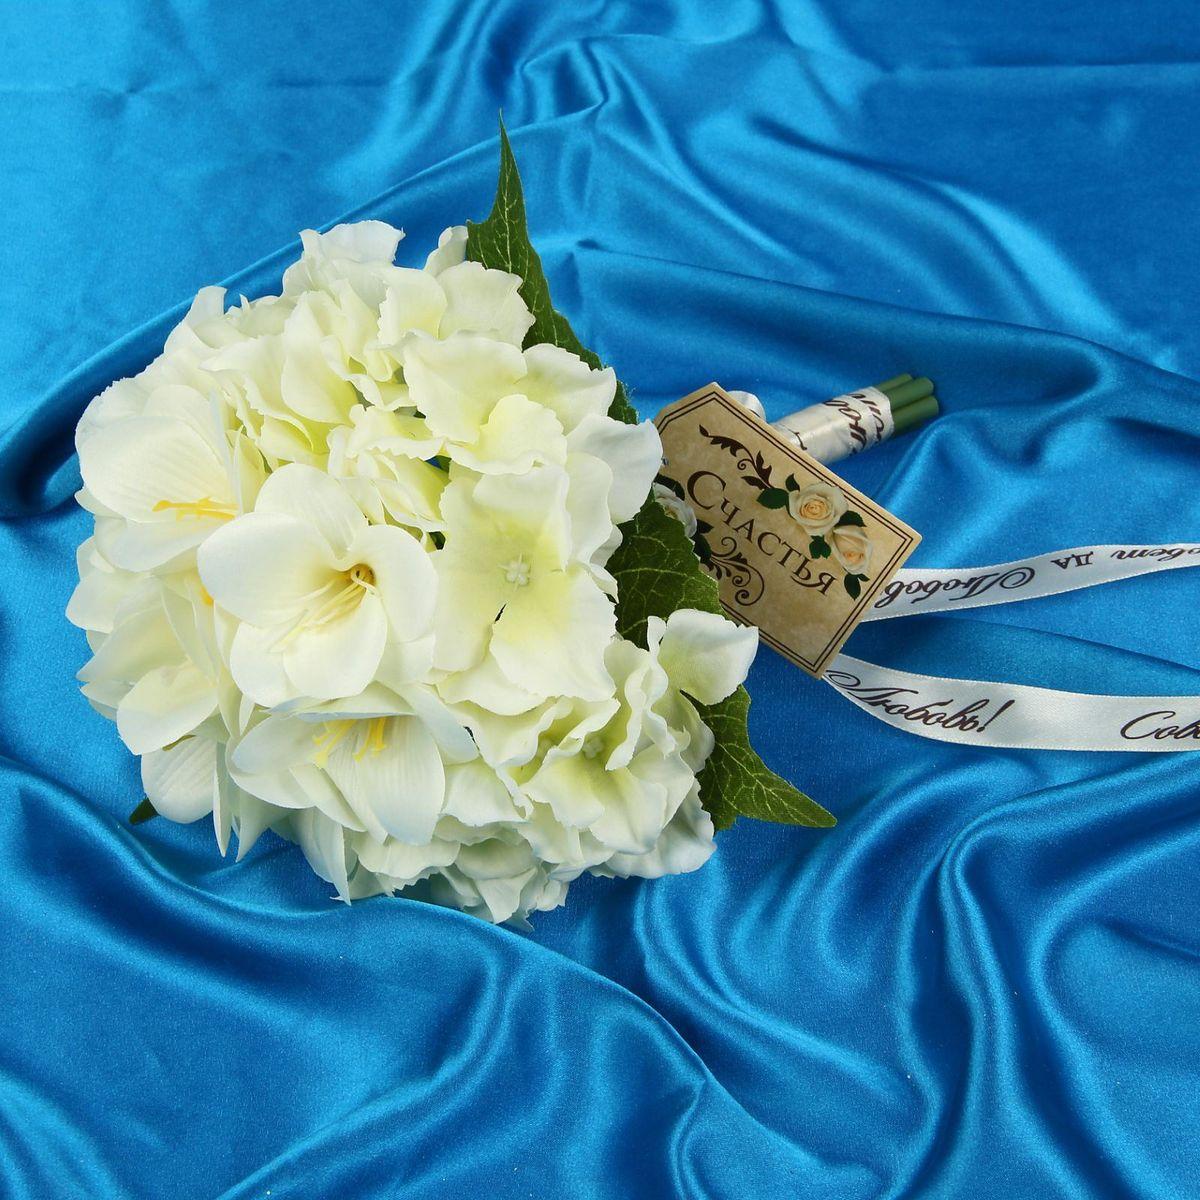 Sima-land Букет-дублер Вкус к жизни лилии, гортензии, цвет: белый. 12126321212632Современные невесты используют букеты из искусственных материалов, потому что они легче, дешевле и не рассыпаются в полете. Ведь для многих незамужних подружек поймать букет на свадьбе — шанс осуществления заветной мечты. Кроме свадебной тематики изделие используют для фотосессий, так как оно не утрачивает праздничный вид даже в непогоду, и как элемент украшения интерьера. Многие рестораны и отели на выставках и праздниках предпочитают использовать украшения из неувядающих цветов. Оригинальный букет будет в центре внимания на торжественном событии и оставит самые яркие впечатления.